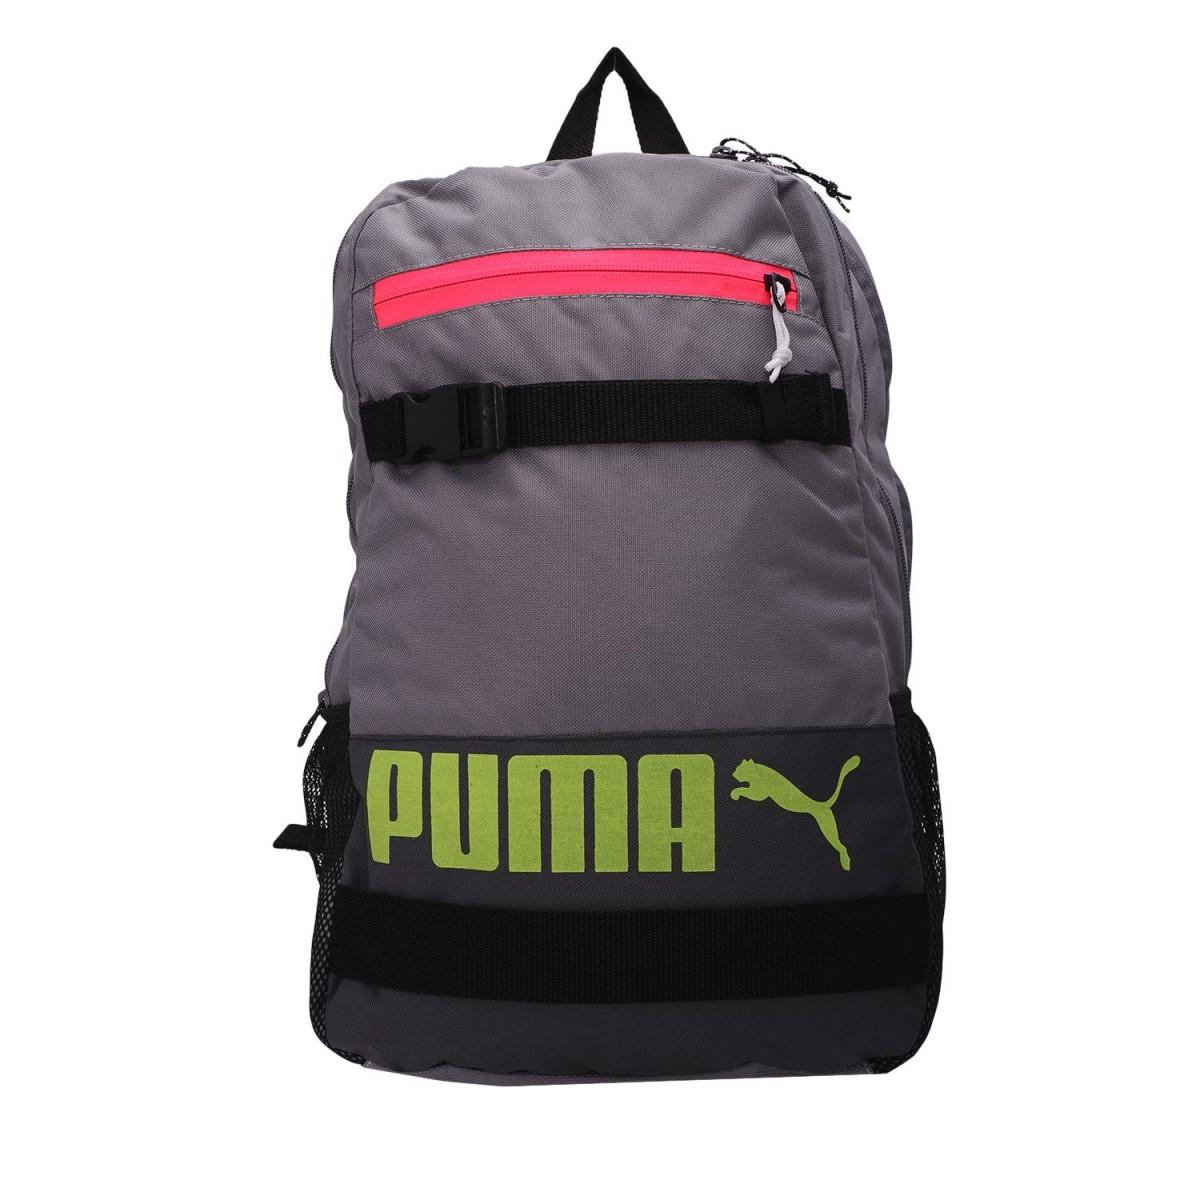 59b2930b2 Mochila Puma Deck Backpack Dp - Accesorios - Hombre